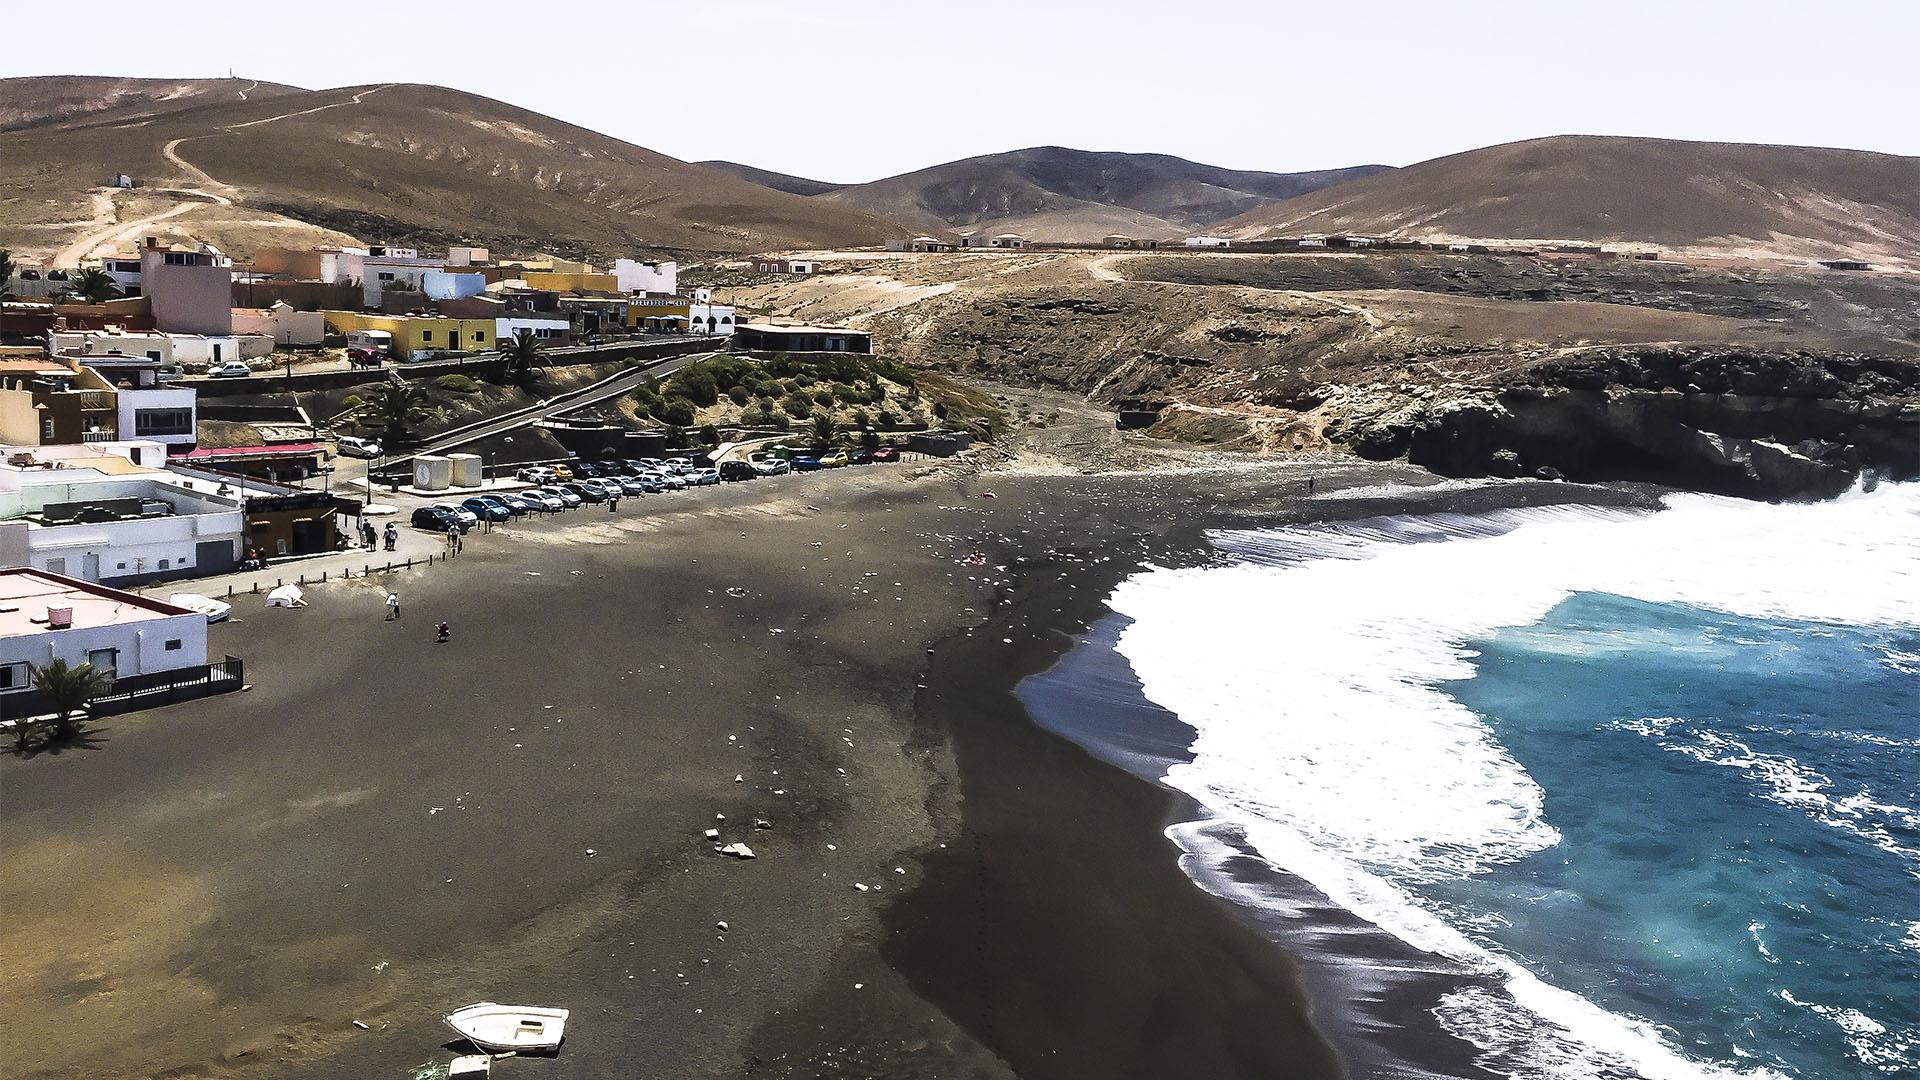 Die Strände Fuerteventuras: Playa de Ajuy